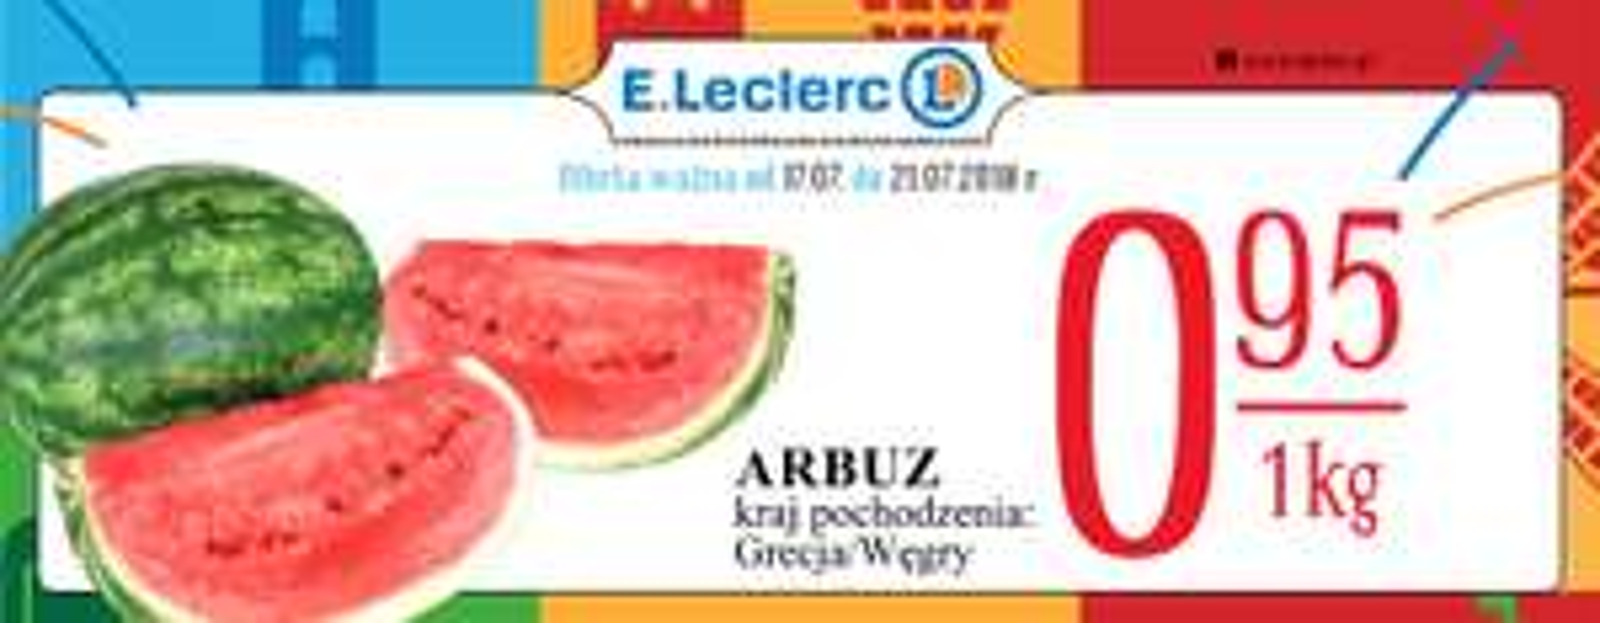 Arbuz 95 groszy w E.Leclerc